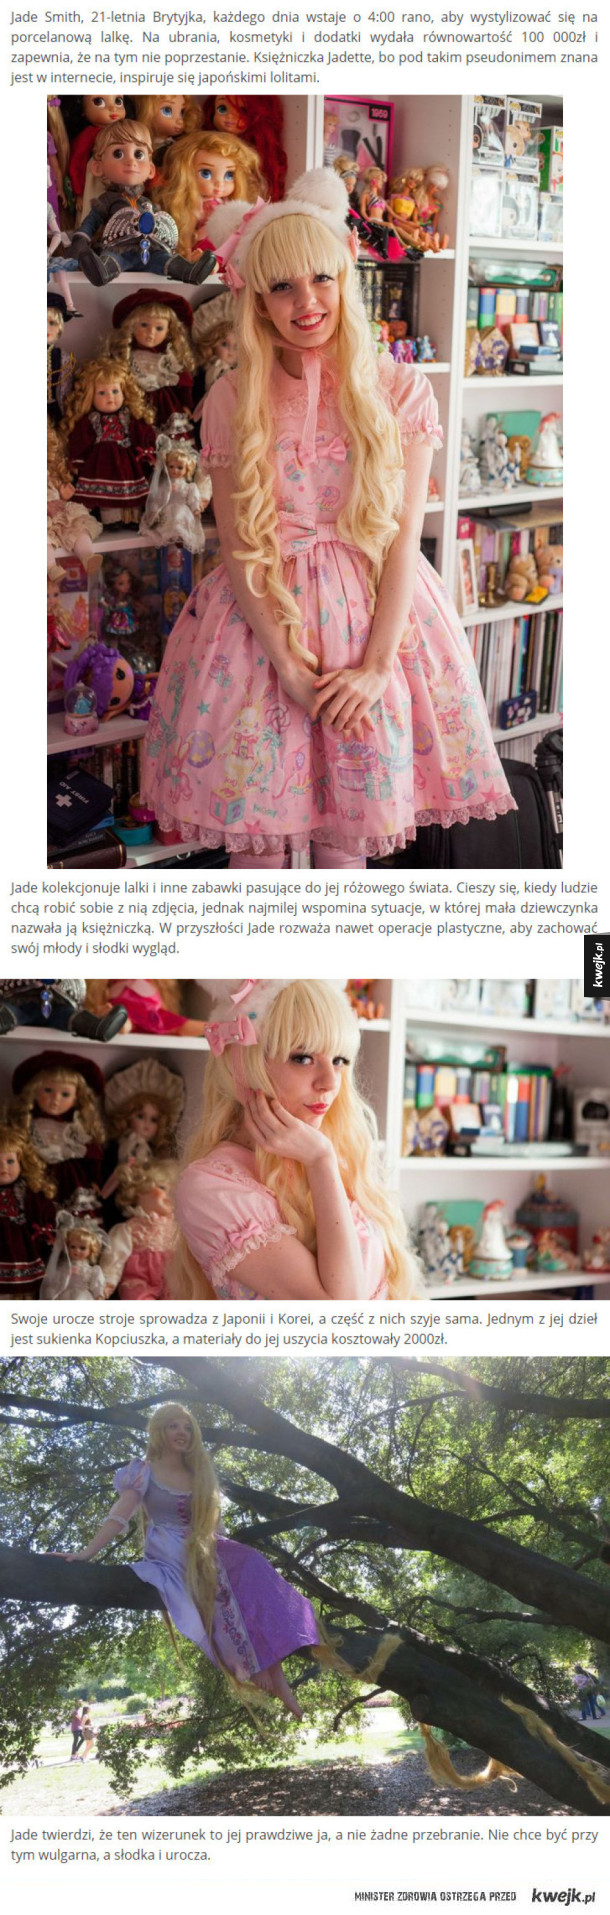 Wydała 100 000zł aby upodobnić się do lalki